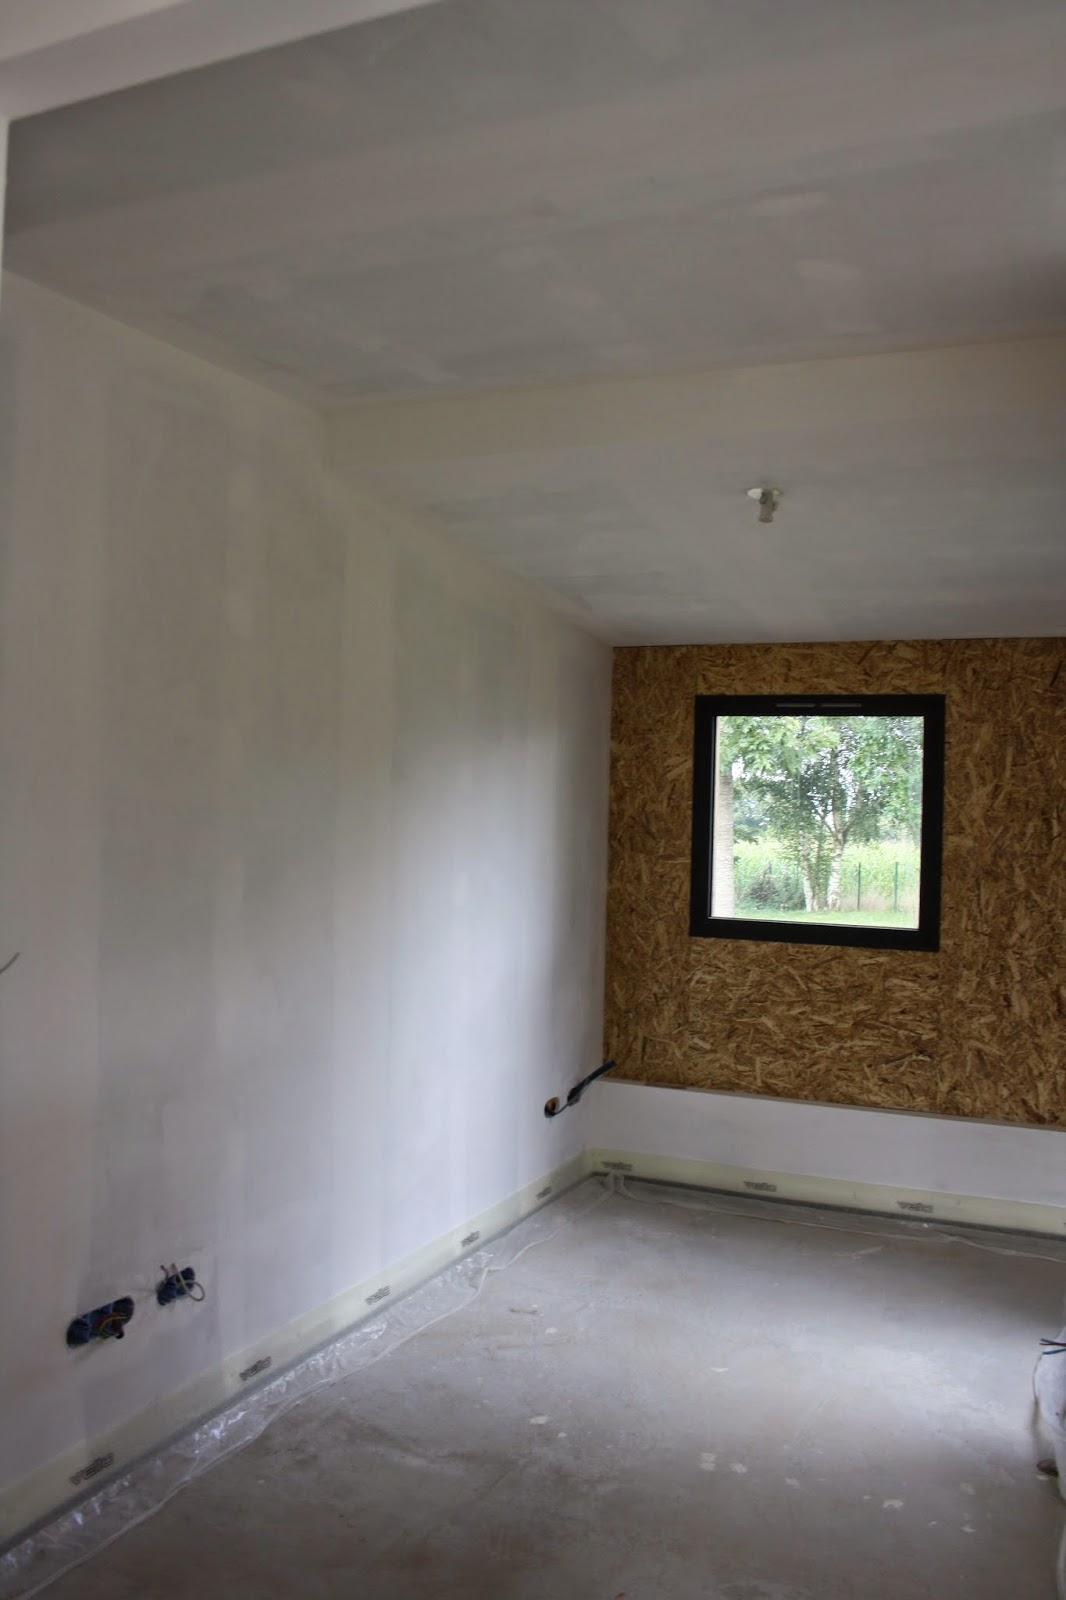 des ch nes une maison et des livres du blanc. Black Bedroom Furniture Sets. Home Design Ideas